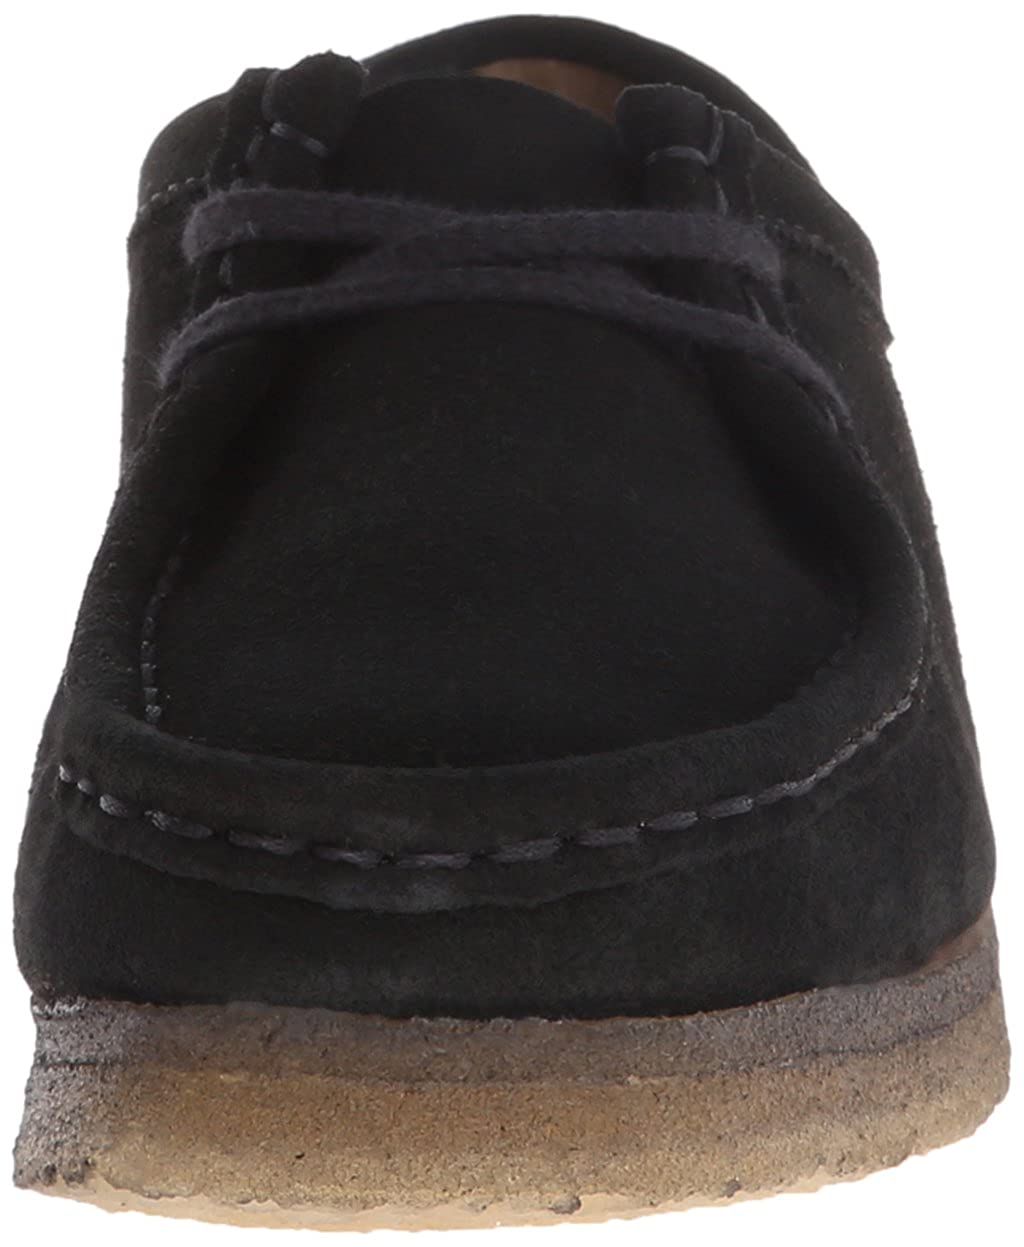 Clarks Woherren Wallabee Stiefel Stiefel Stiefel B011W695Y2  b16283